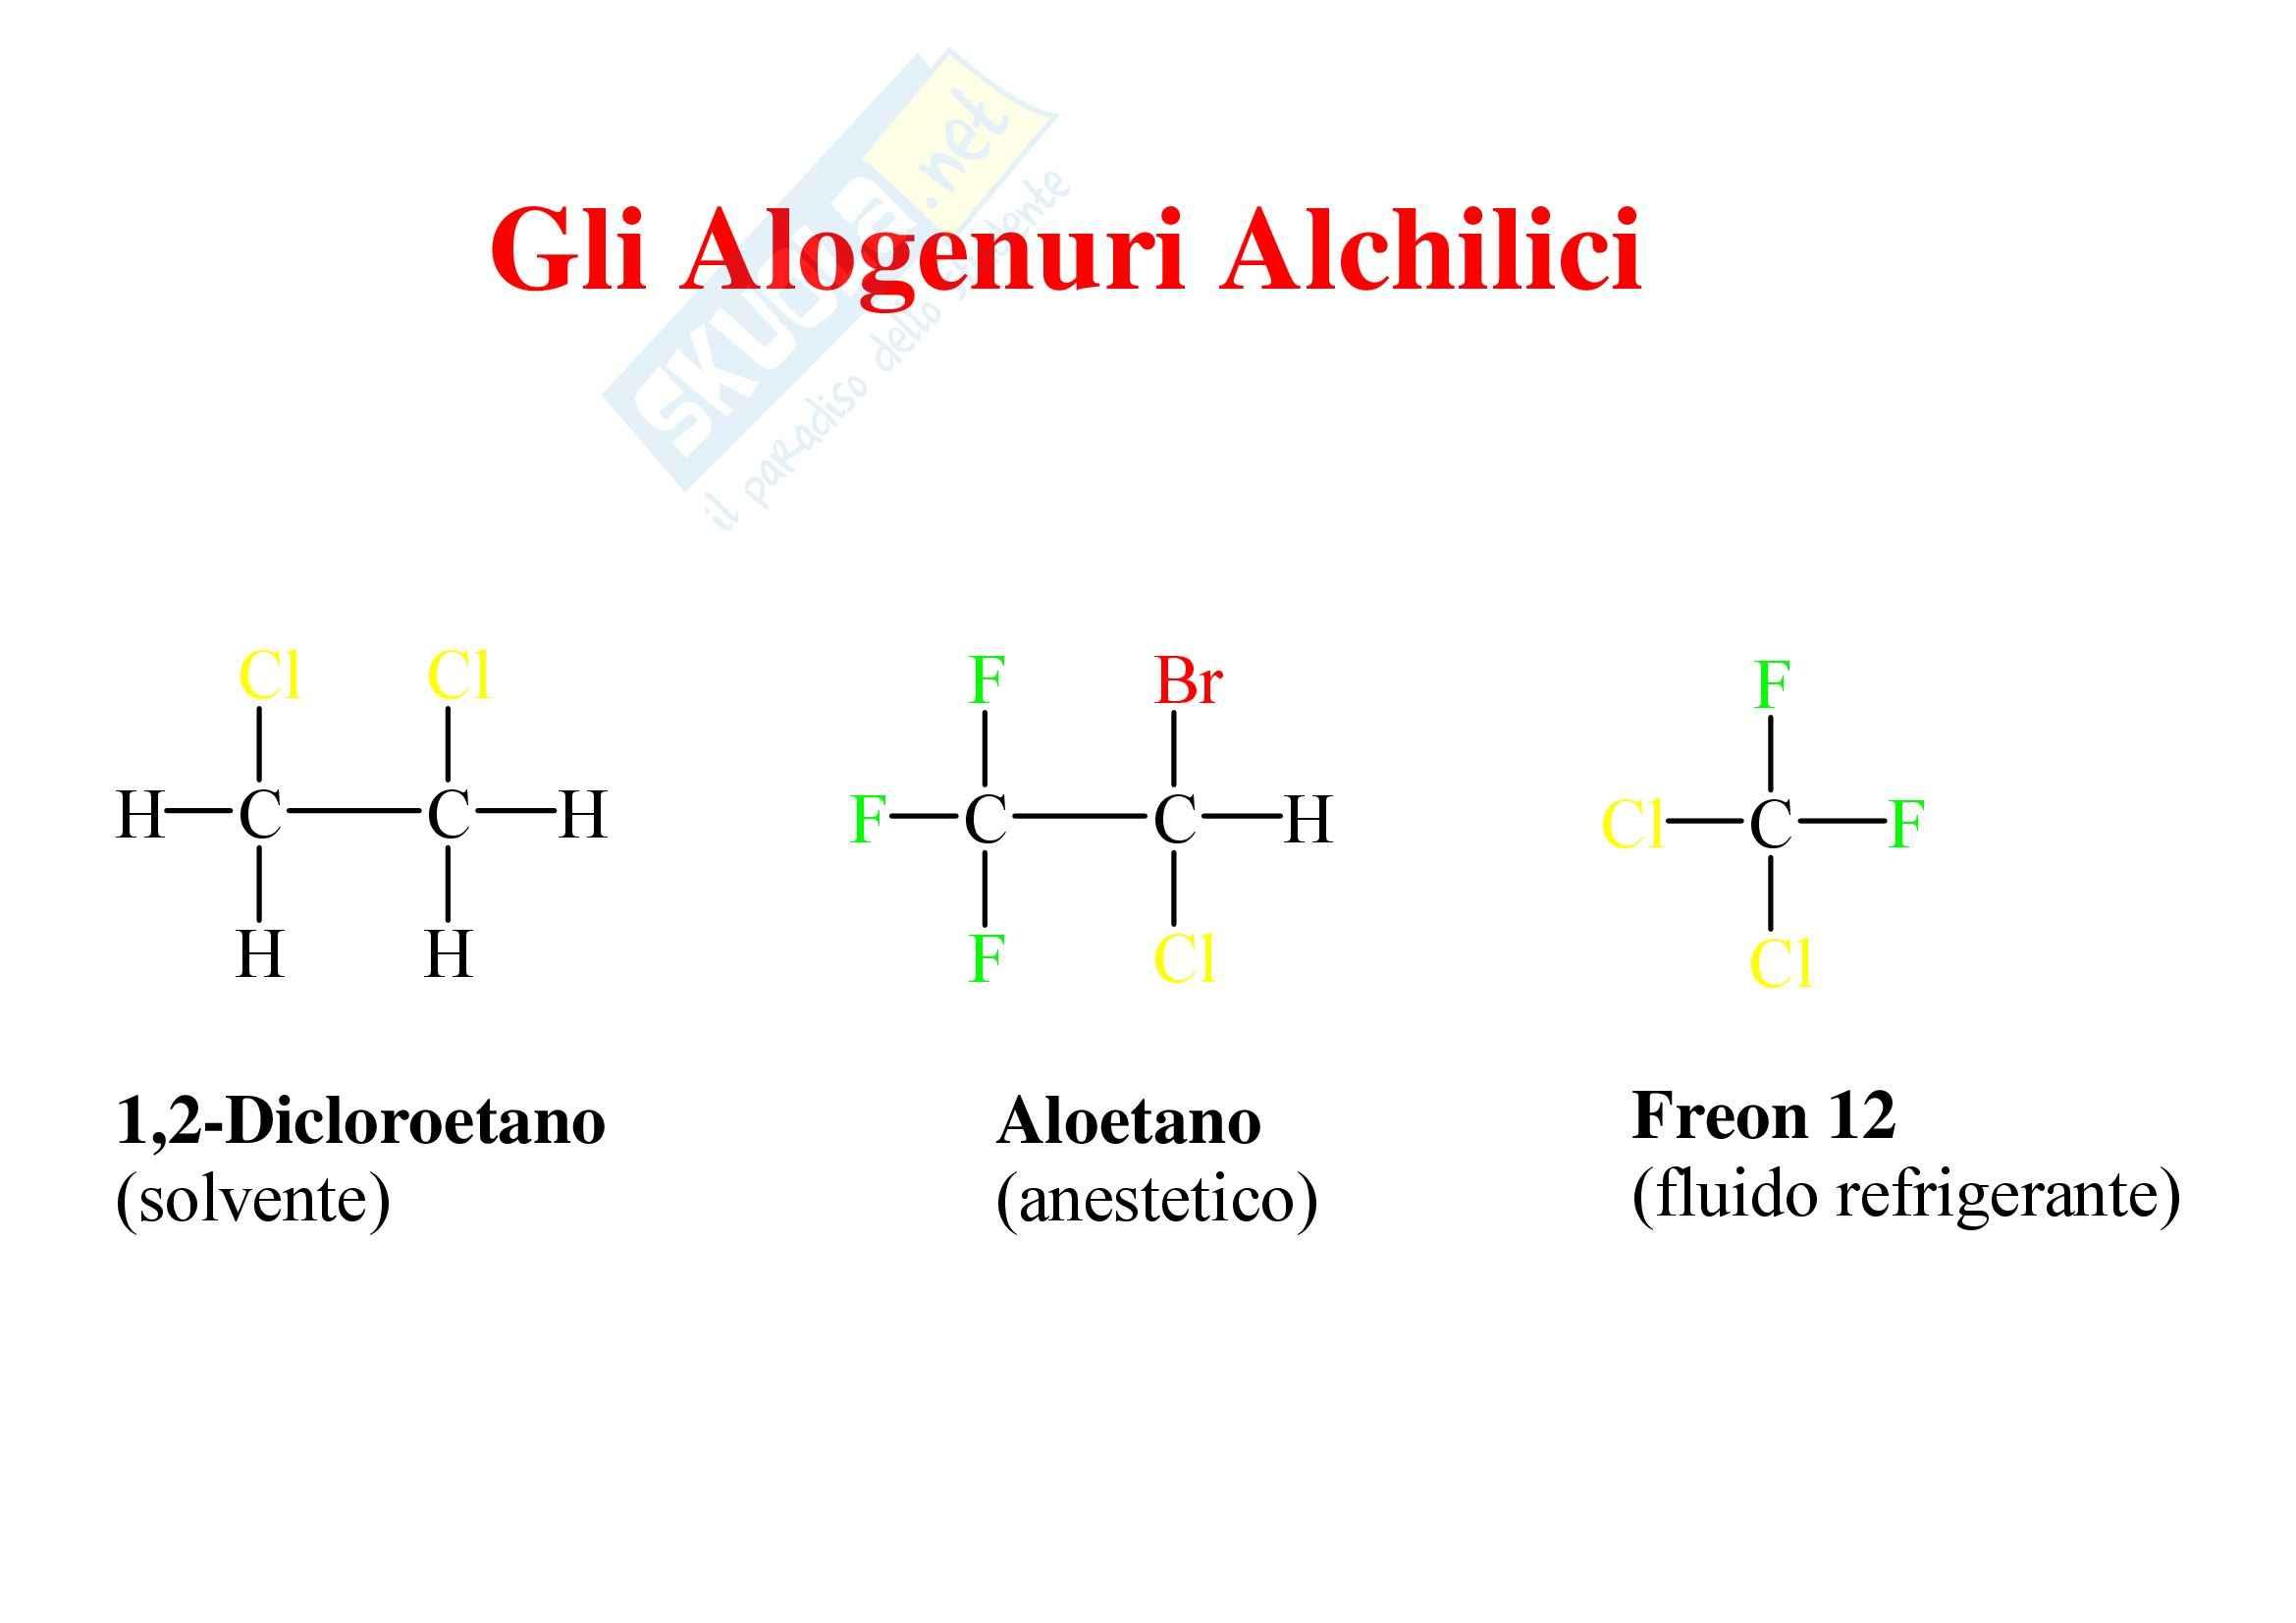 Chimica organica - gli alogenuri alchilici